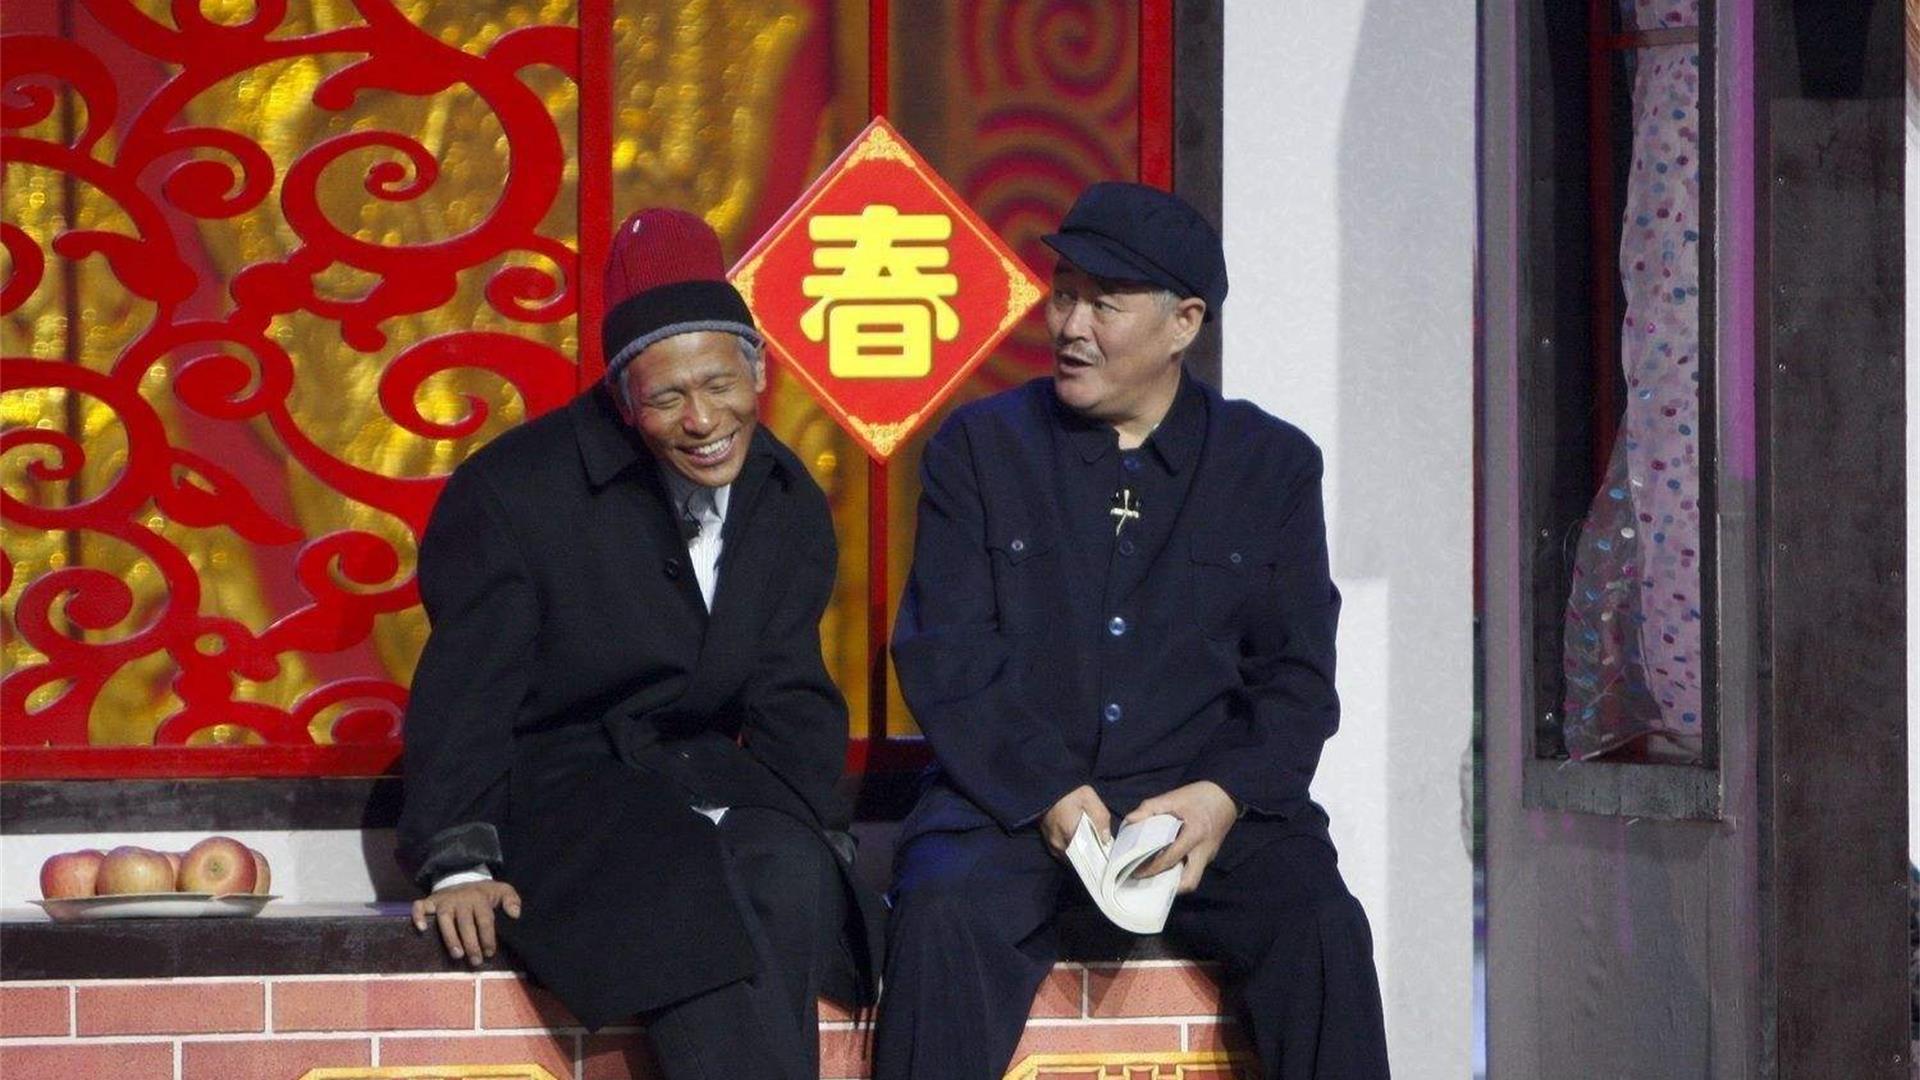 经典小品里的失误,赵本山陈佩斯神救场,不说我们都没看出来